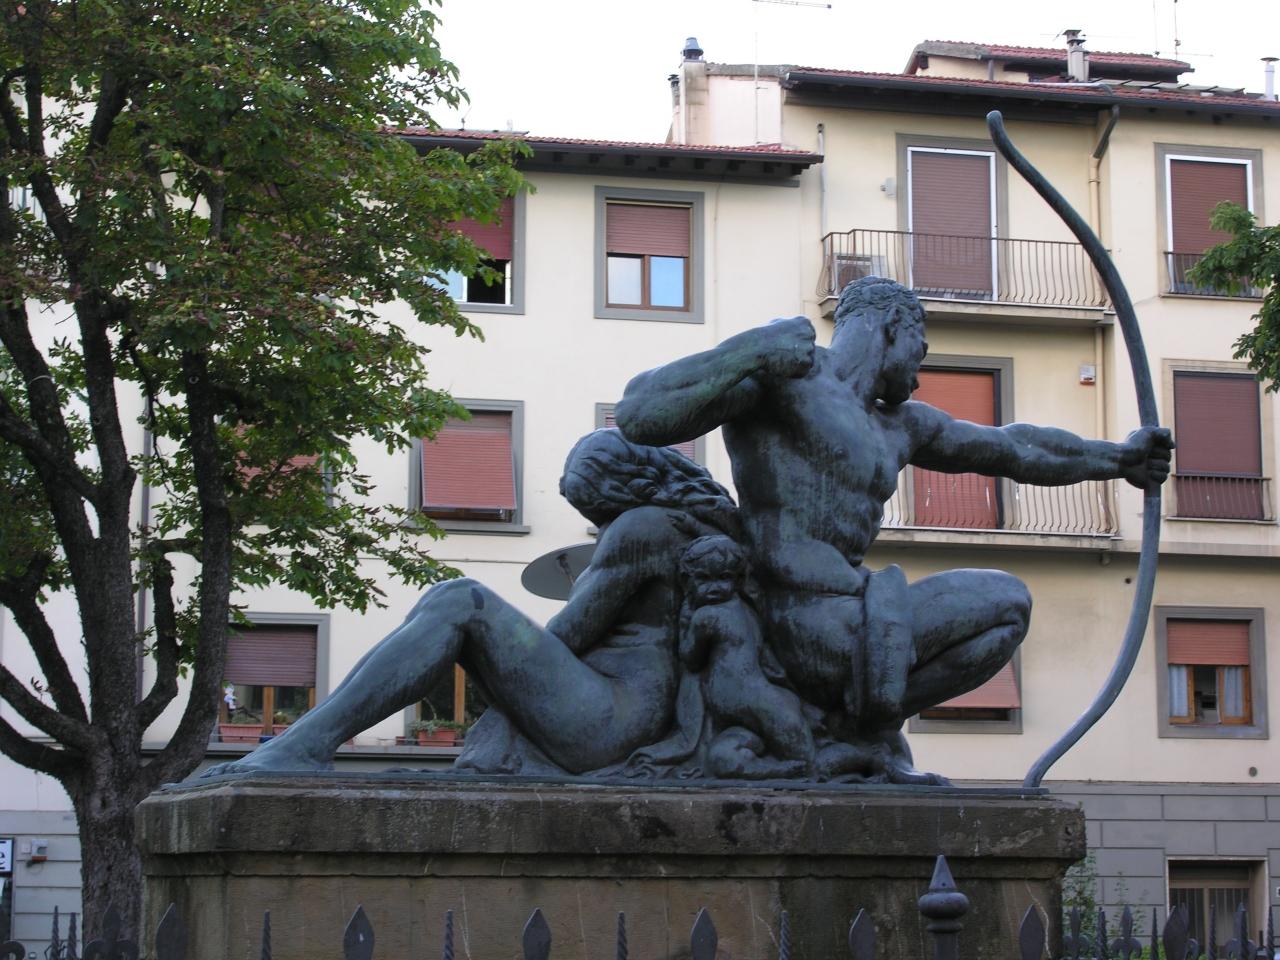 allegoria del soldato che protegge una madre col bambino (monumento ai caduti - a cippo) di Moschi Mario (sec. XX)